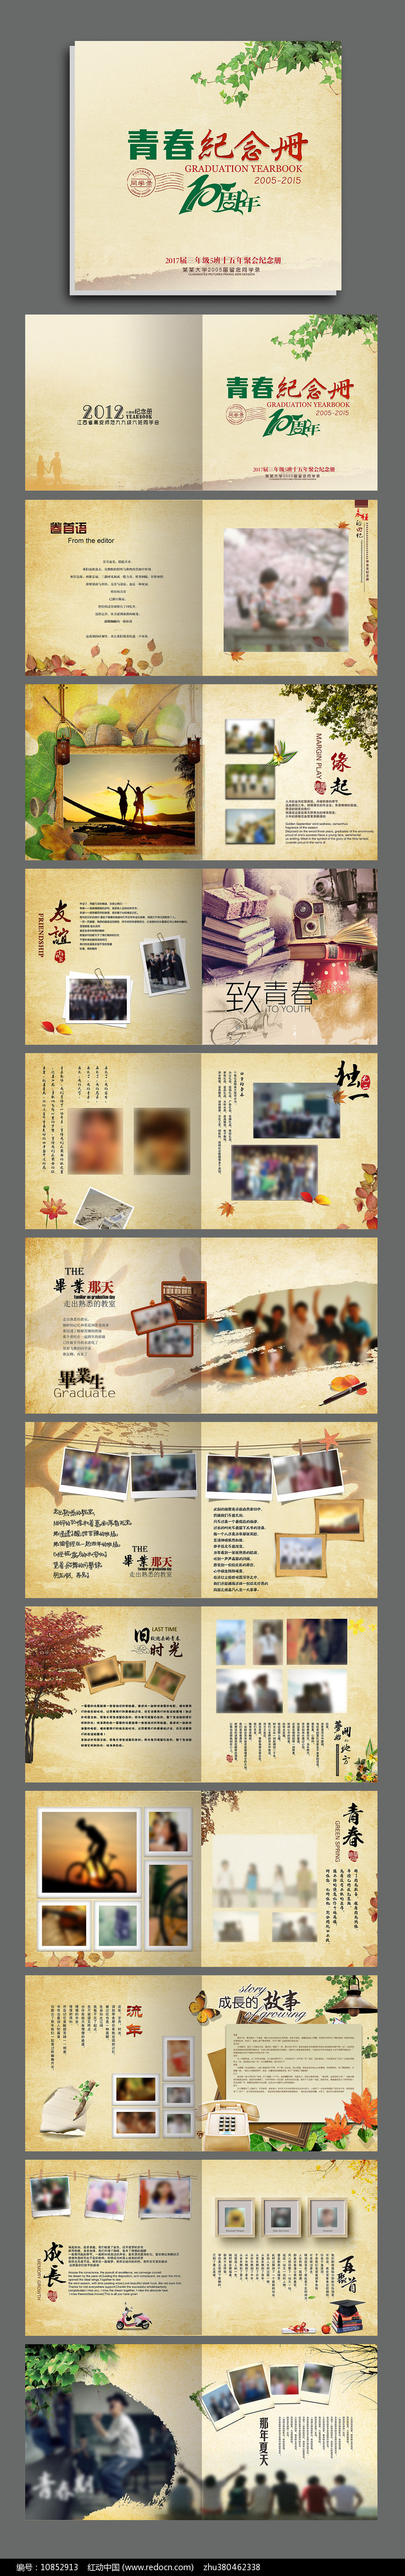 复古风同学纪念册同学录宣传画册图片